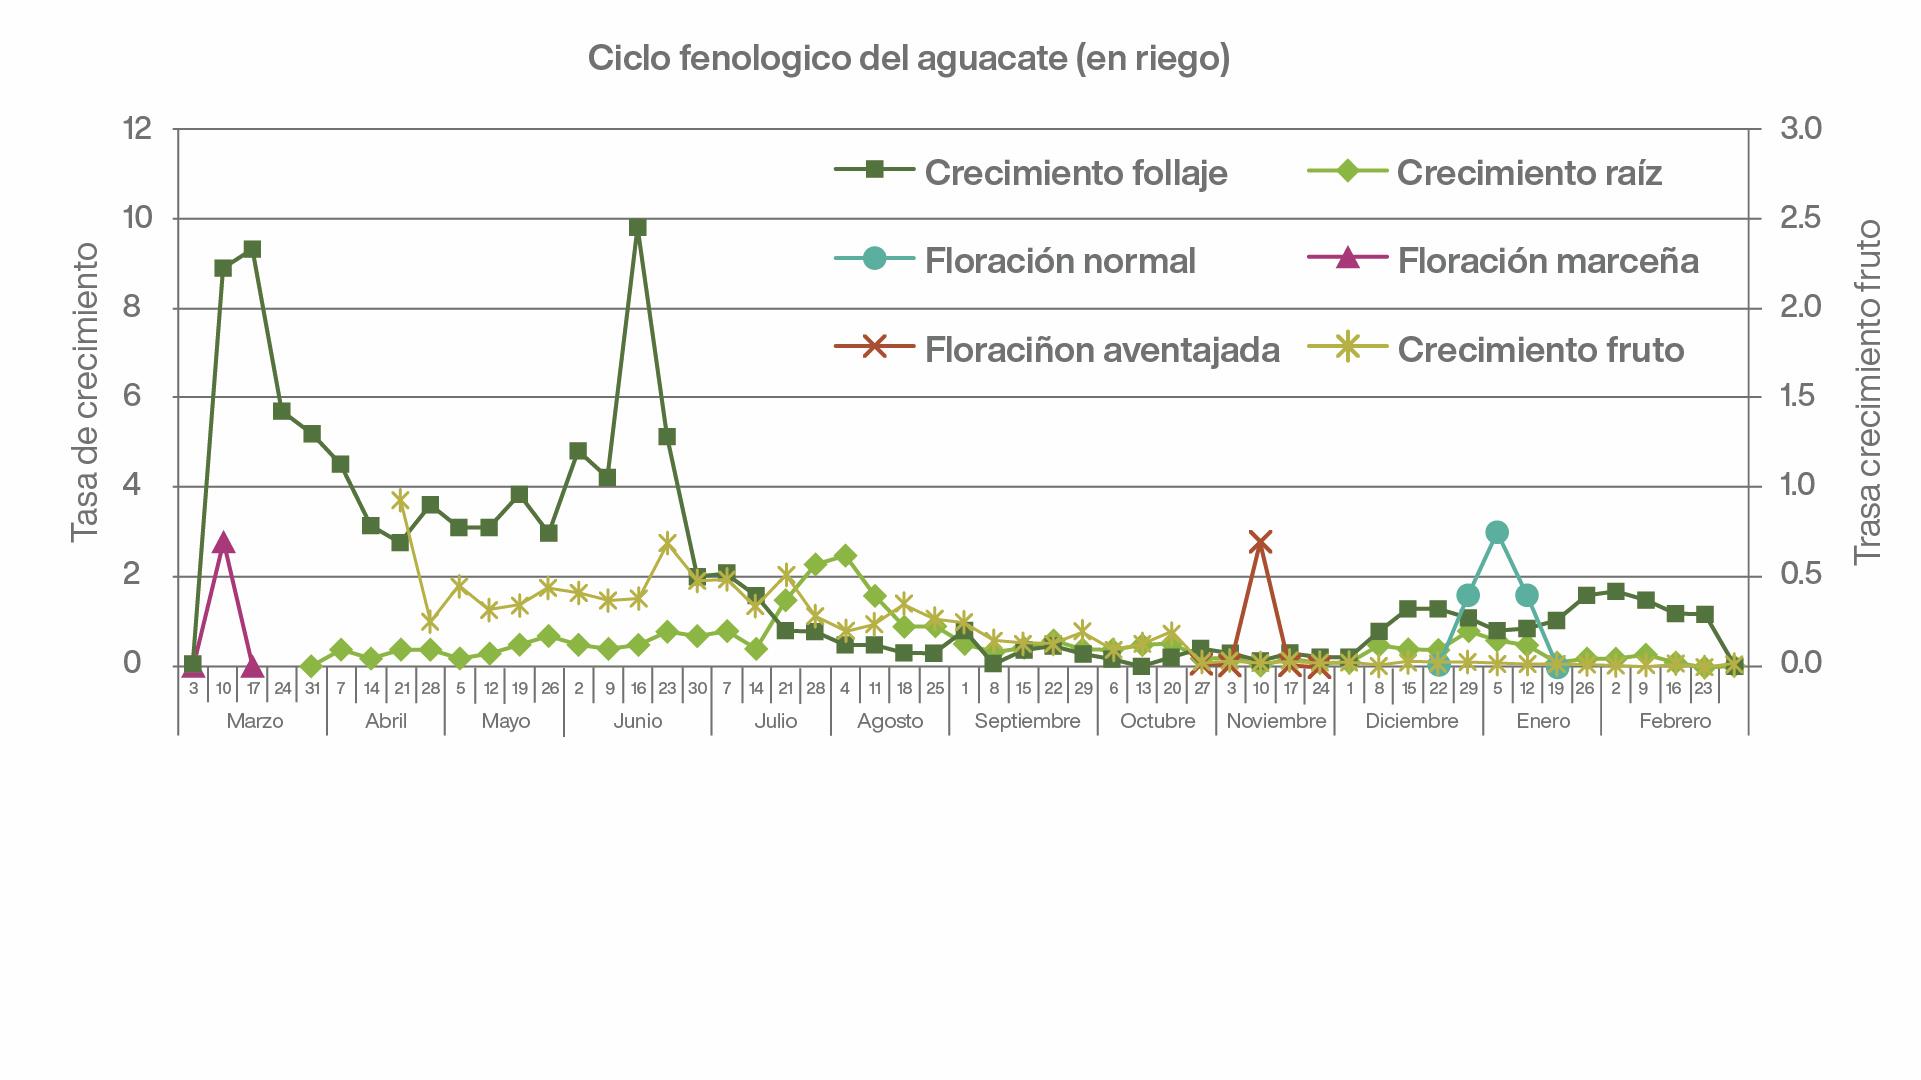 Fertirriego en aguacate, estudio del ciclo fenológico del aguacate